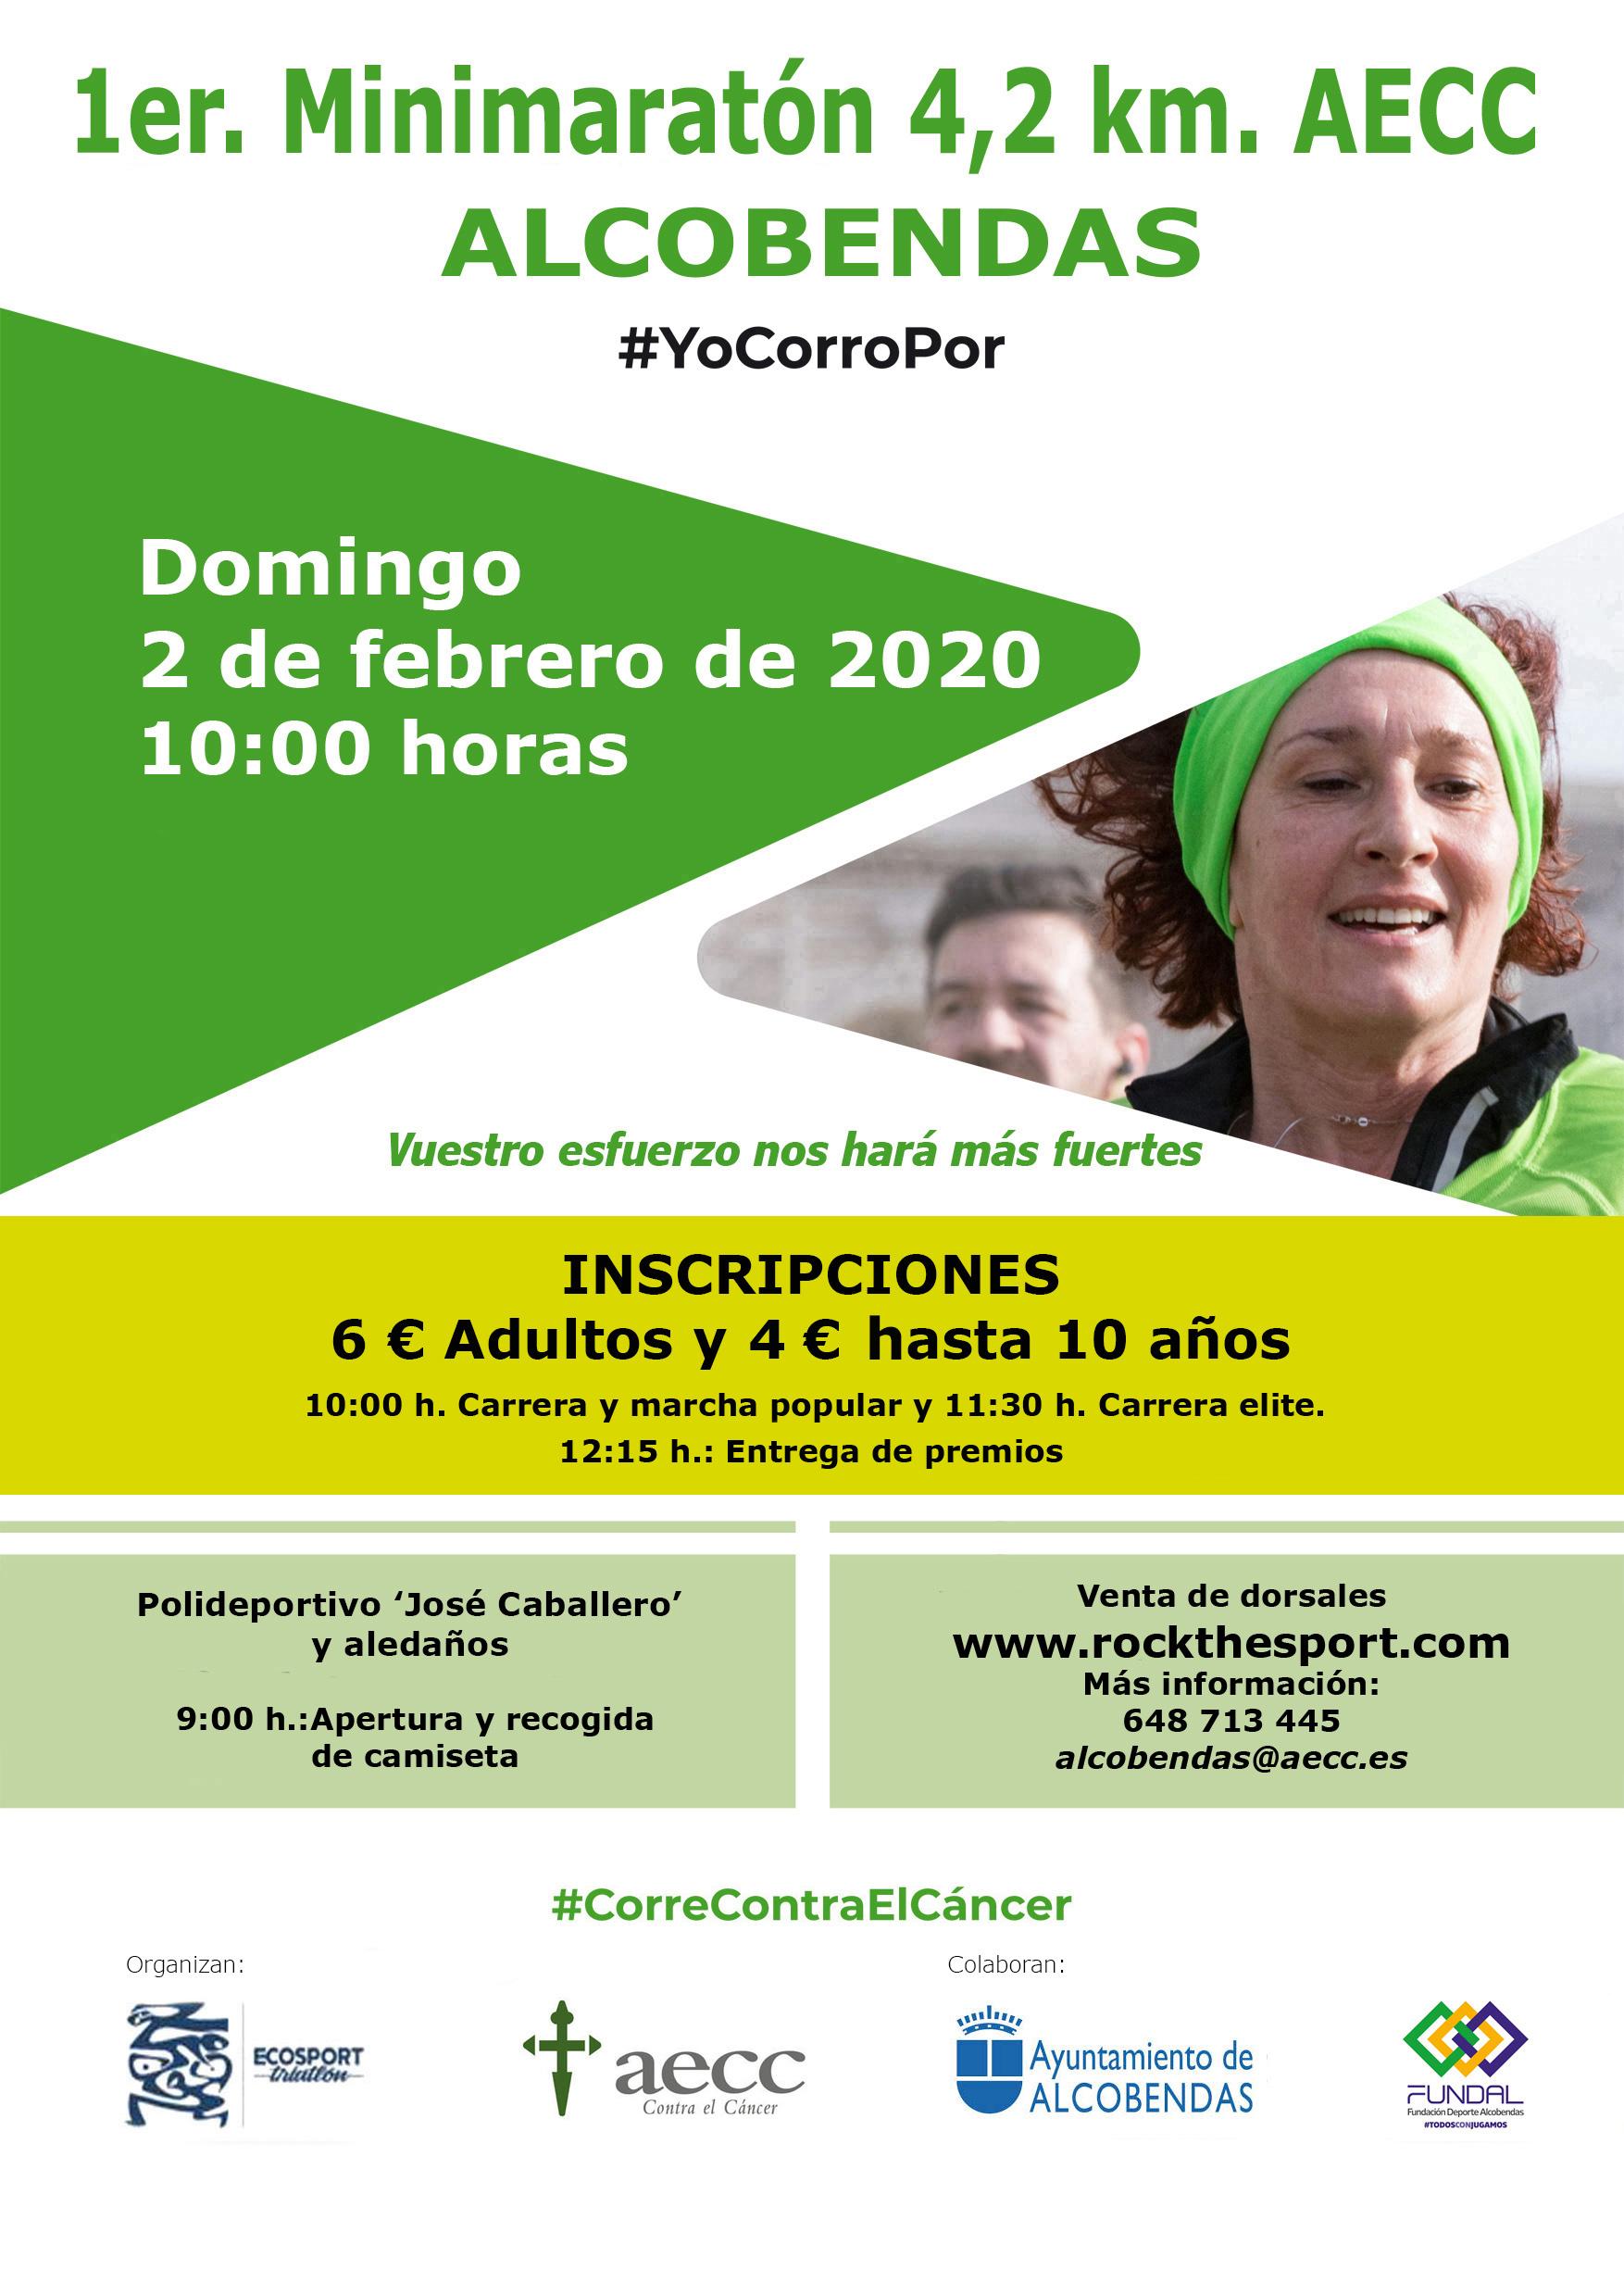 Minimaraton Alcobendas 02 FEB 2020 Cartel 4